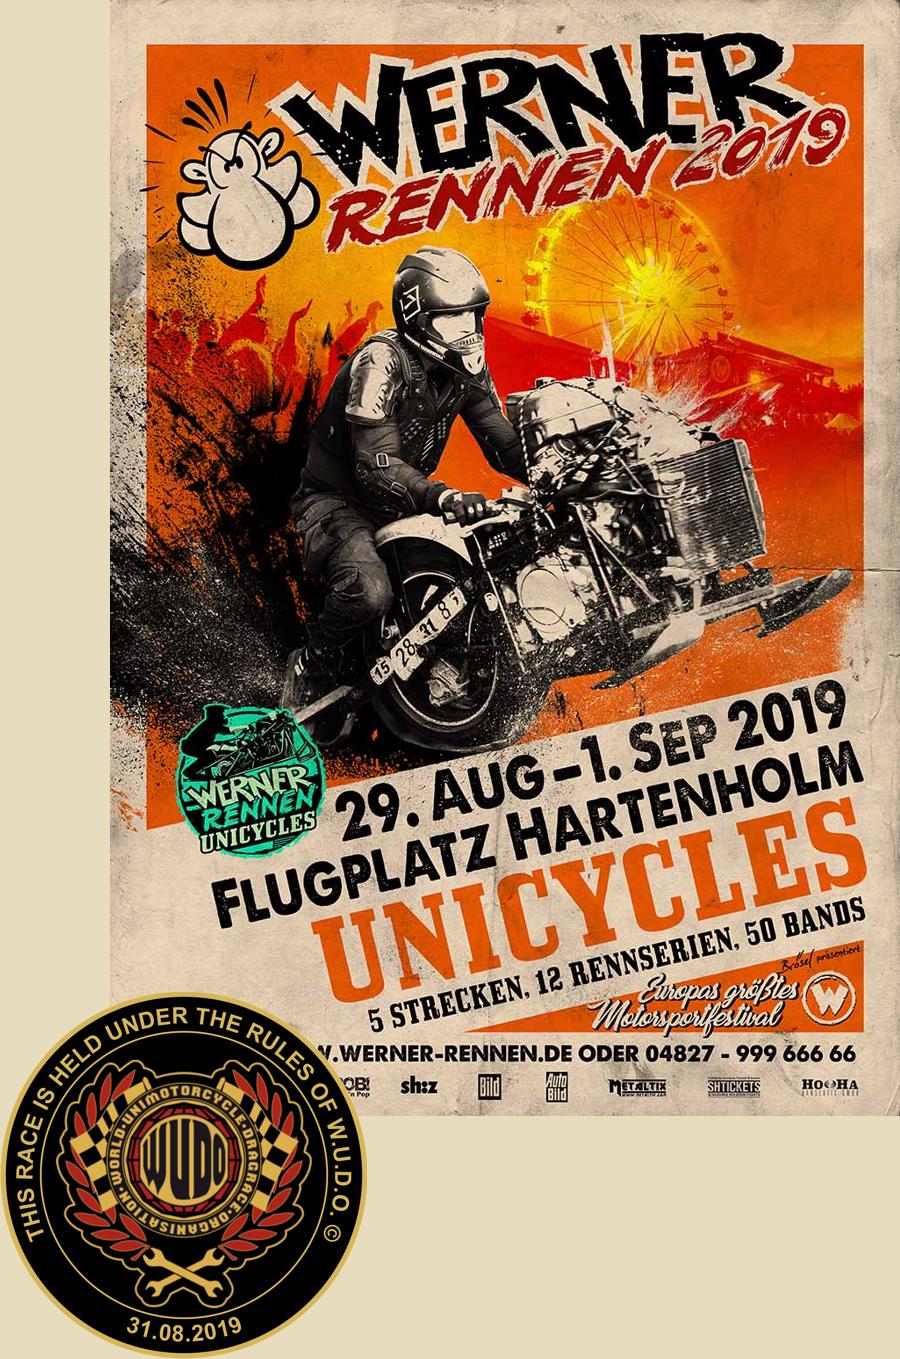 internationale Deutsche Meisterschaft im Unimotorcycledragrace 2019 beim Werner Rennen in Hartenholm